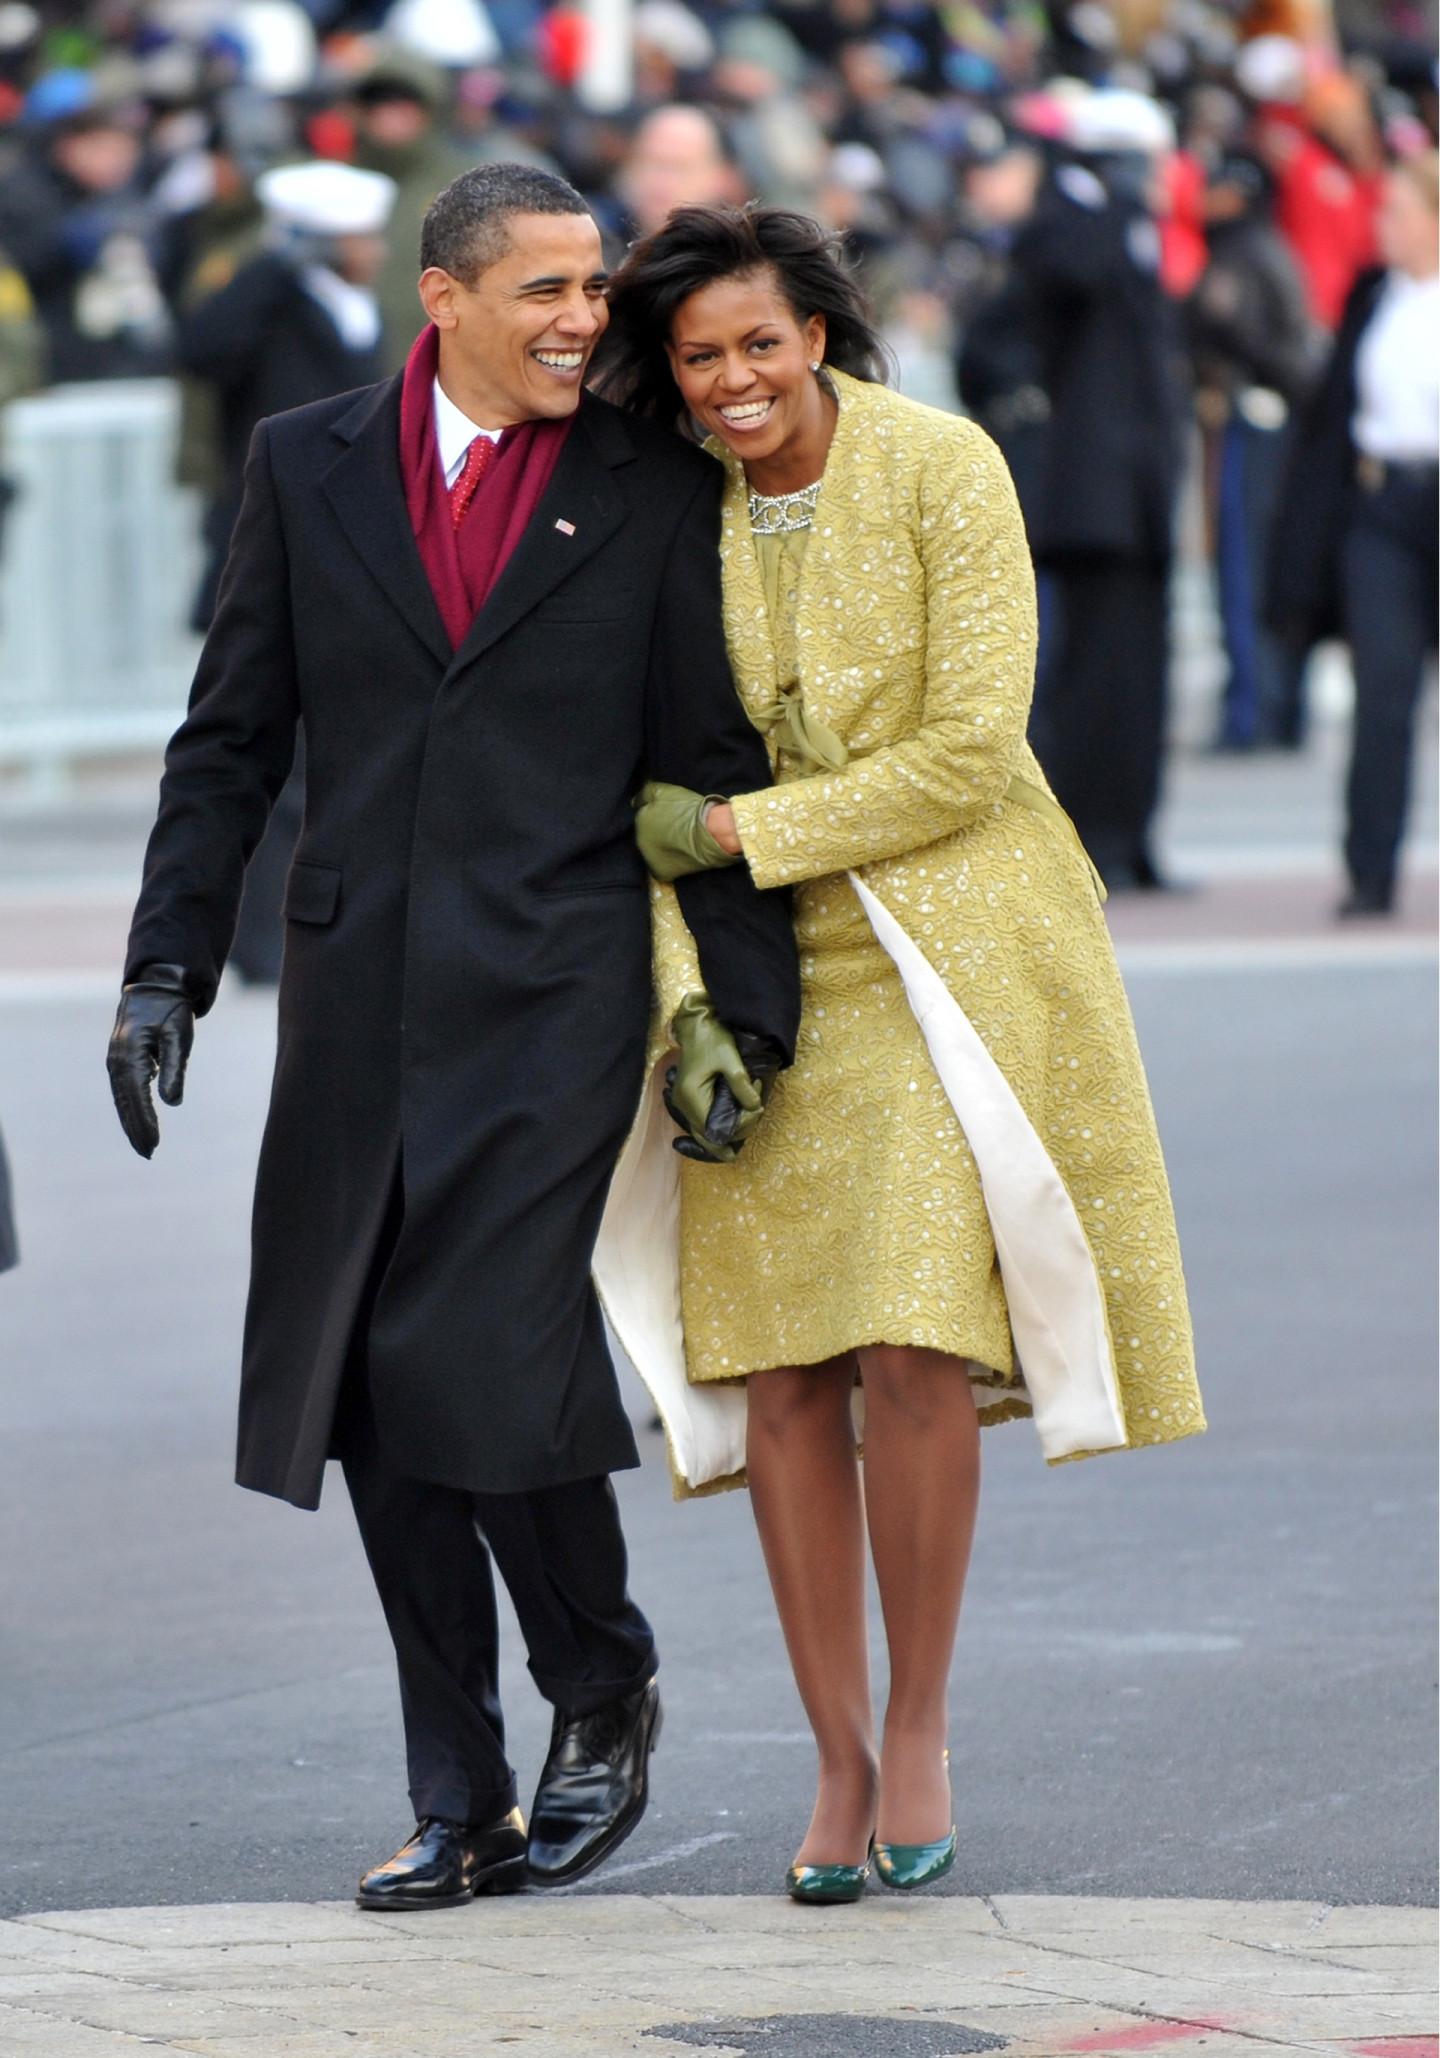 Барак Обама в пальто Brooks Brothers и Мишель Обама в пальто и платье Isabel Toledo, кардигане Nina Ricci, перчатках J. Crew и туфлях Jimmy Choo, инаугурационный парад, 2009 год